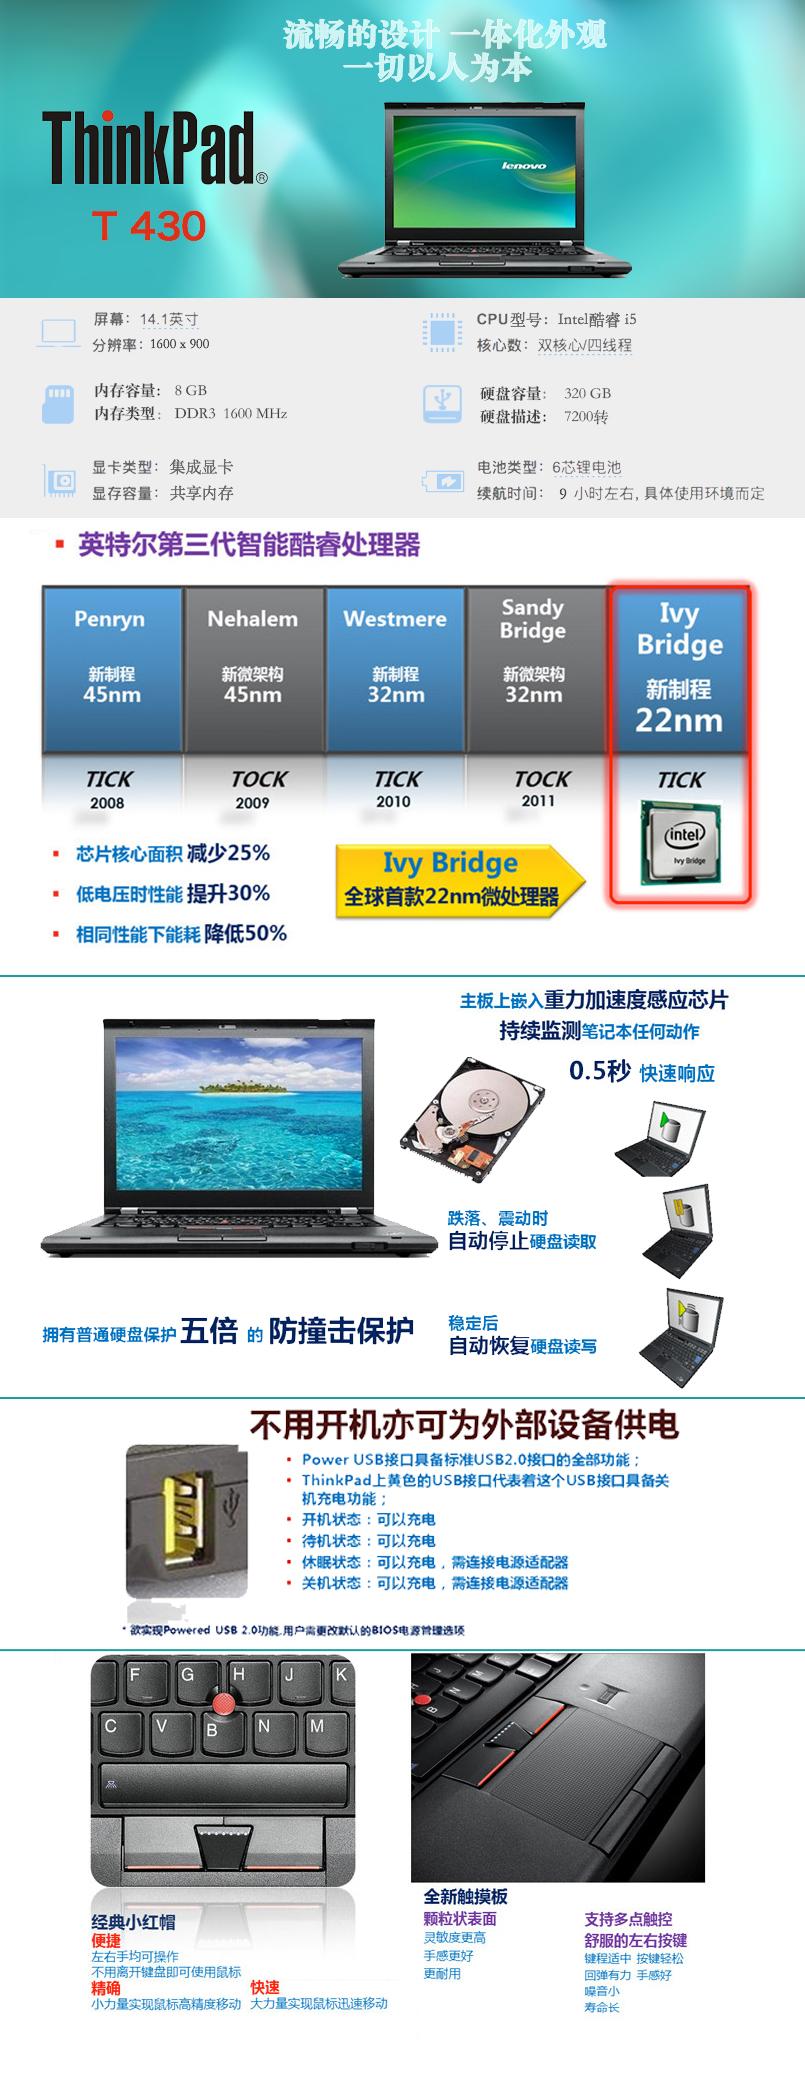 联想ThinkPad T430笔记本电脑租赁 I5处理器8G内存320G硬盘集成显卡DVD刻录光驱